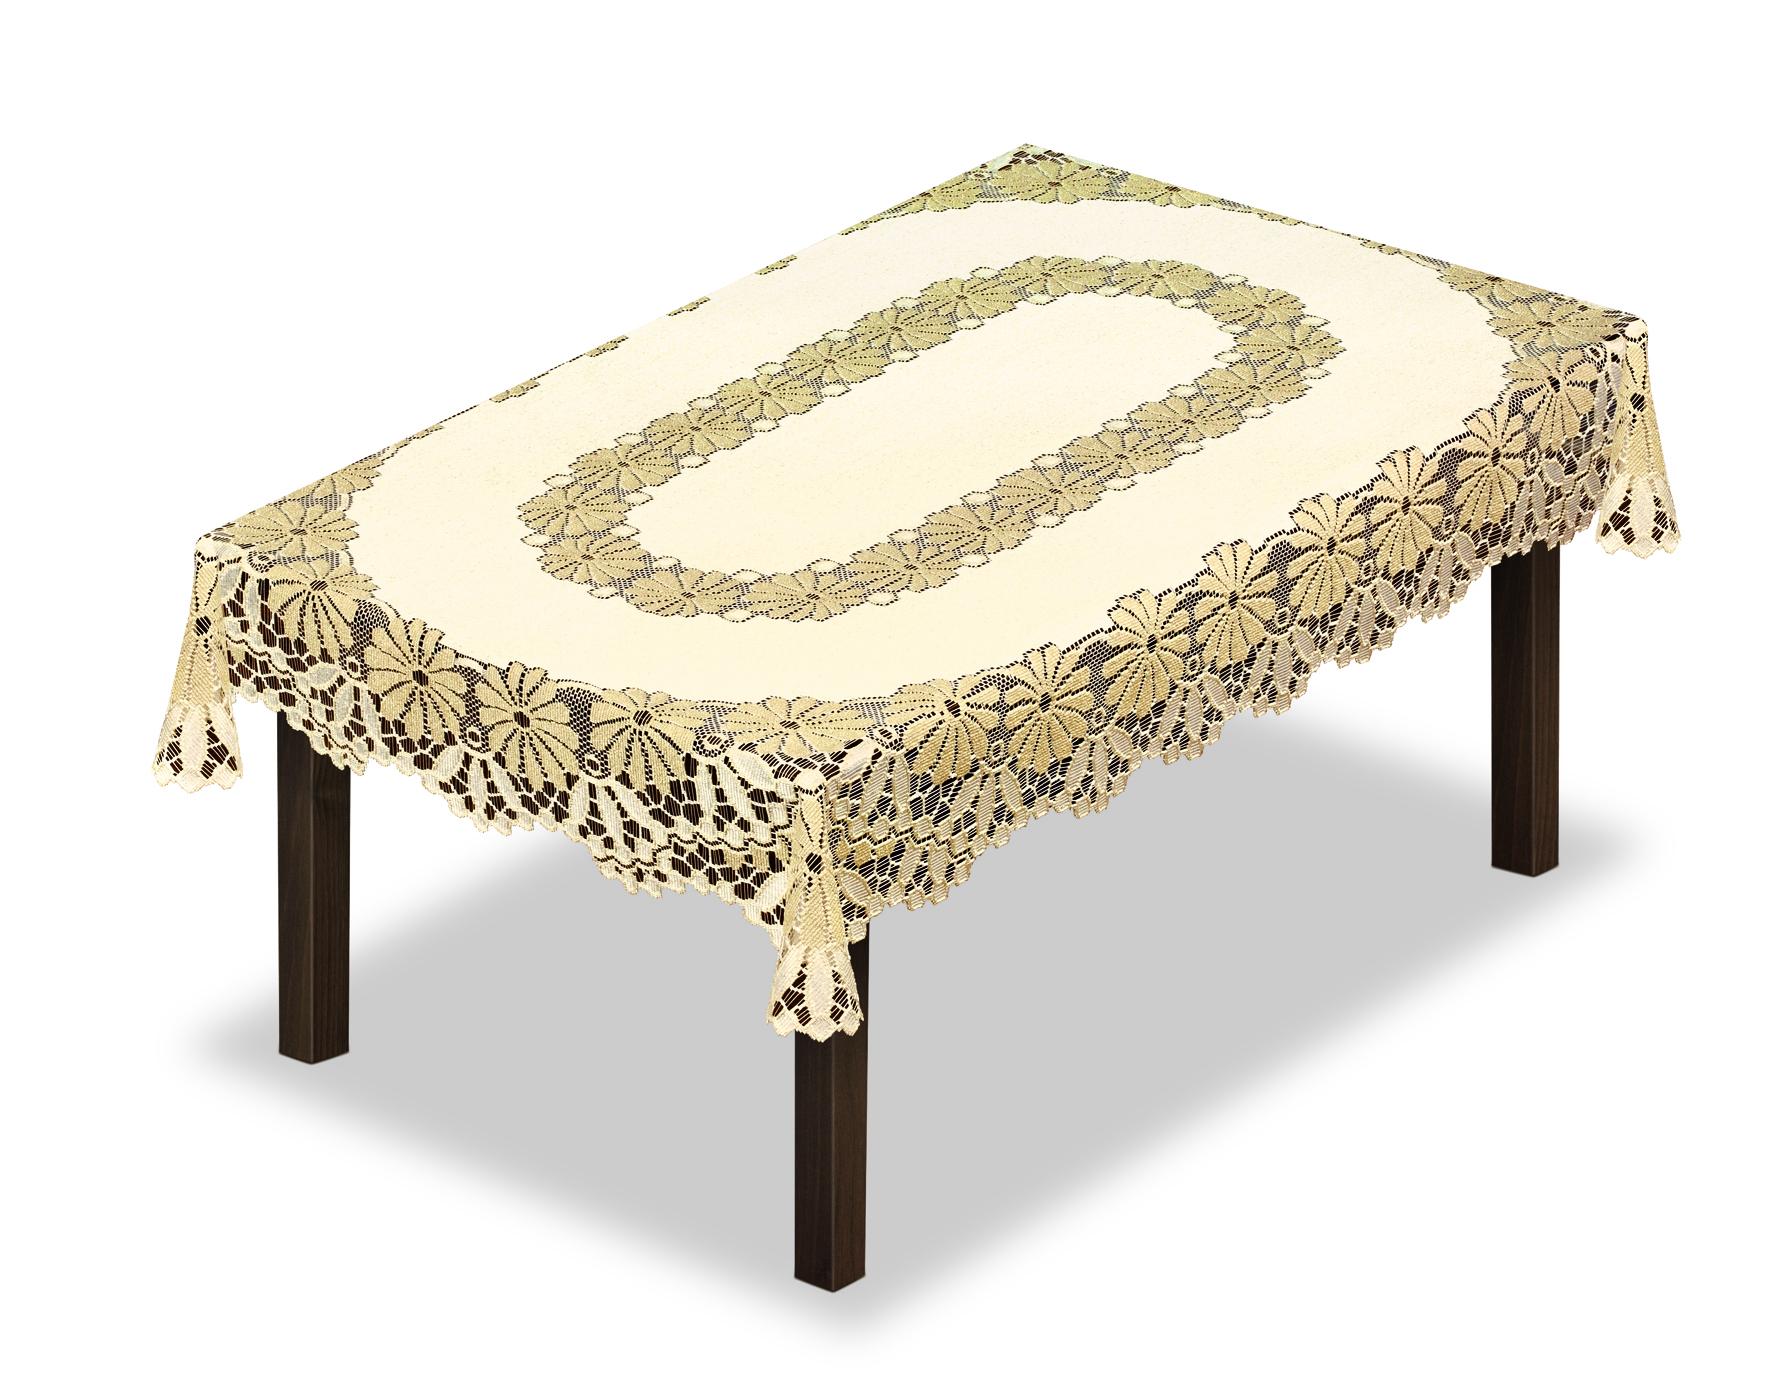 Скатерть Haft, прямоугольная, цвет: кремовый, золотистый, 100 х 150 см228709/100Оригинальная ,ажурная скатерть из ткани жаккардового переплетения шир.100см* длина 150 см.Скатерть прекрасна в уходе,не требует глажки и быстро сохнет